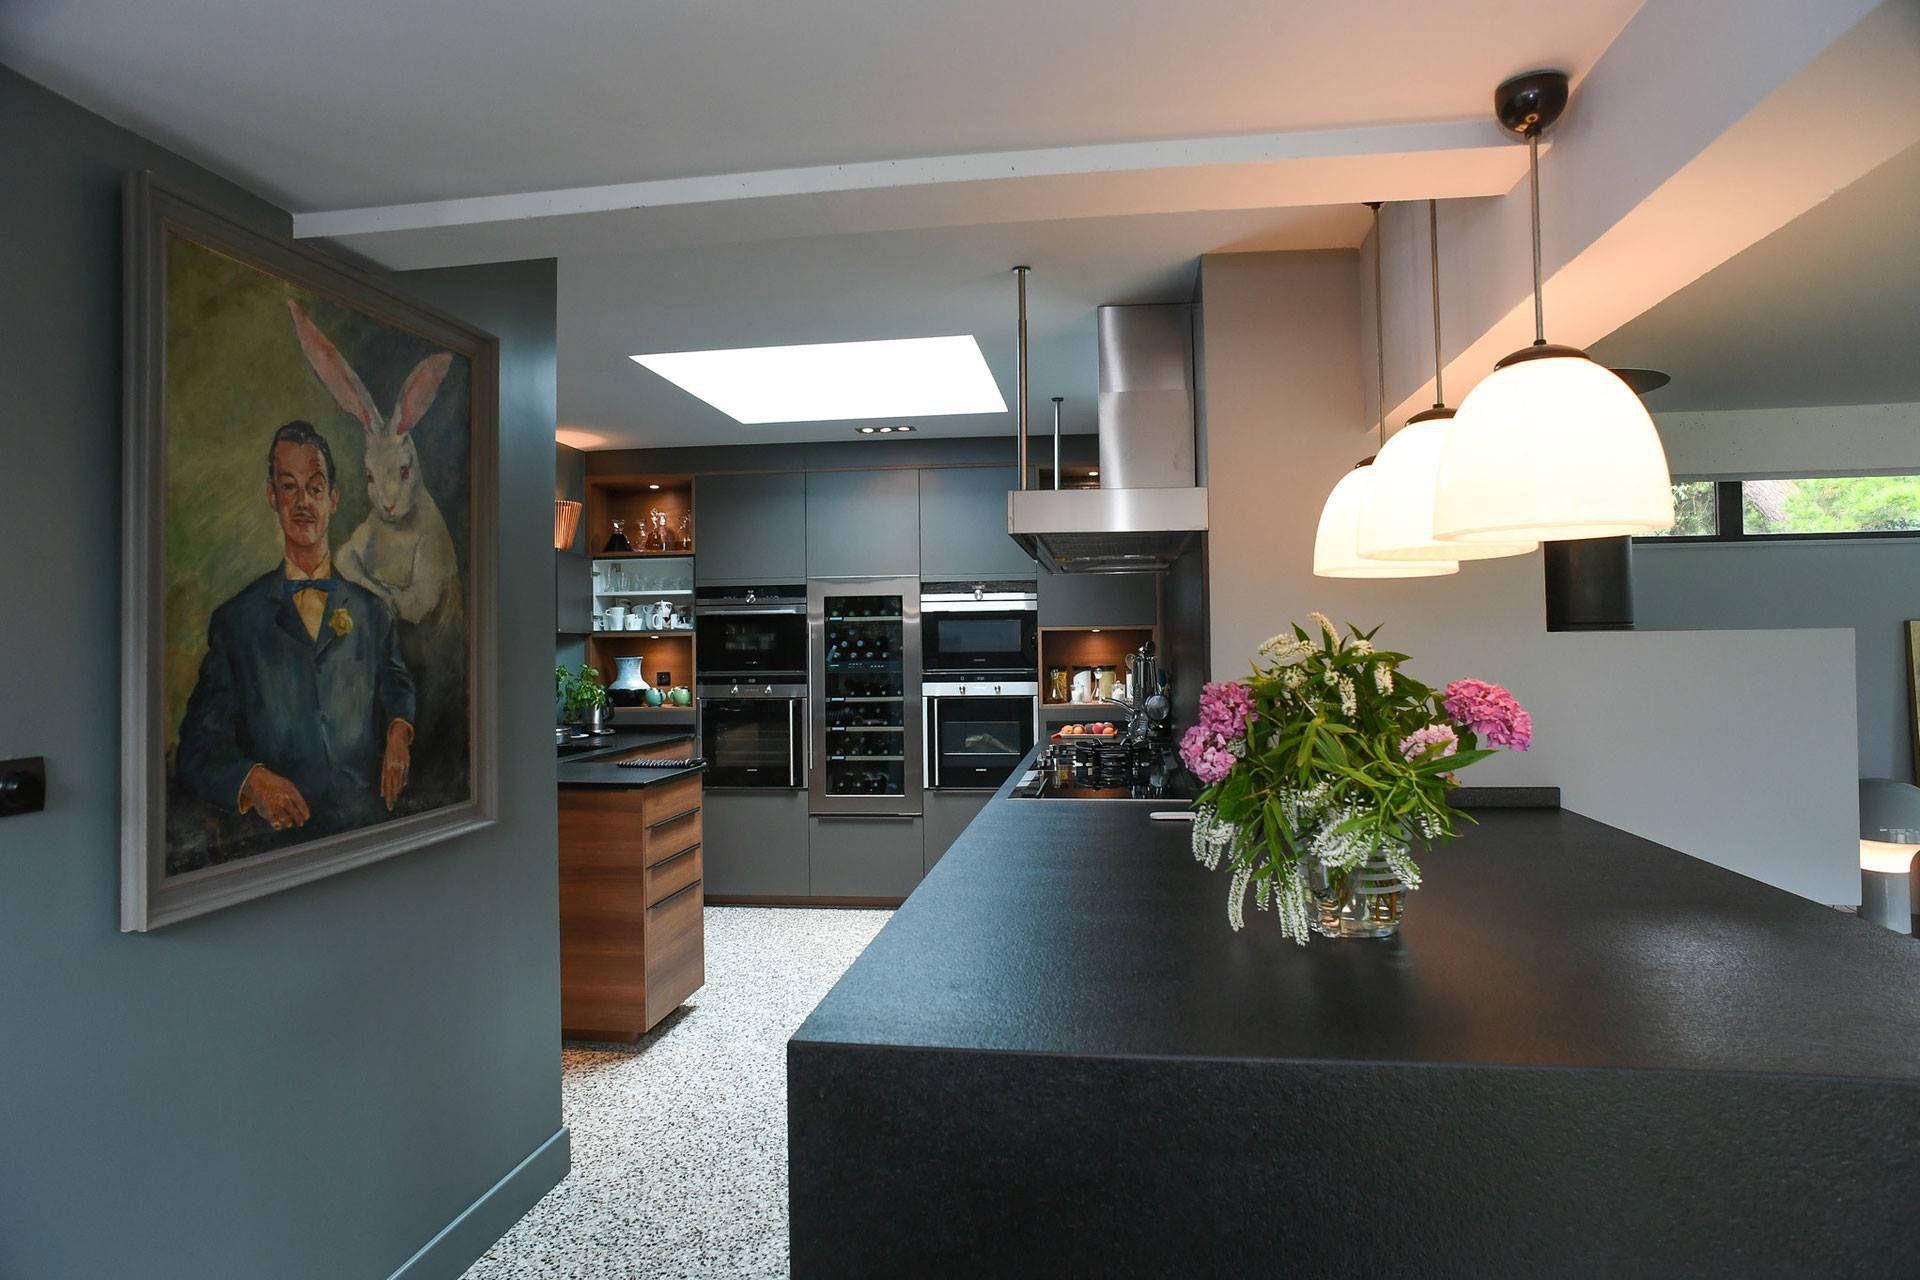 cuisine perene bastille   rénovation   pinterest   cuisine and